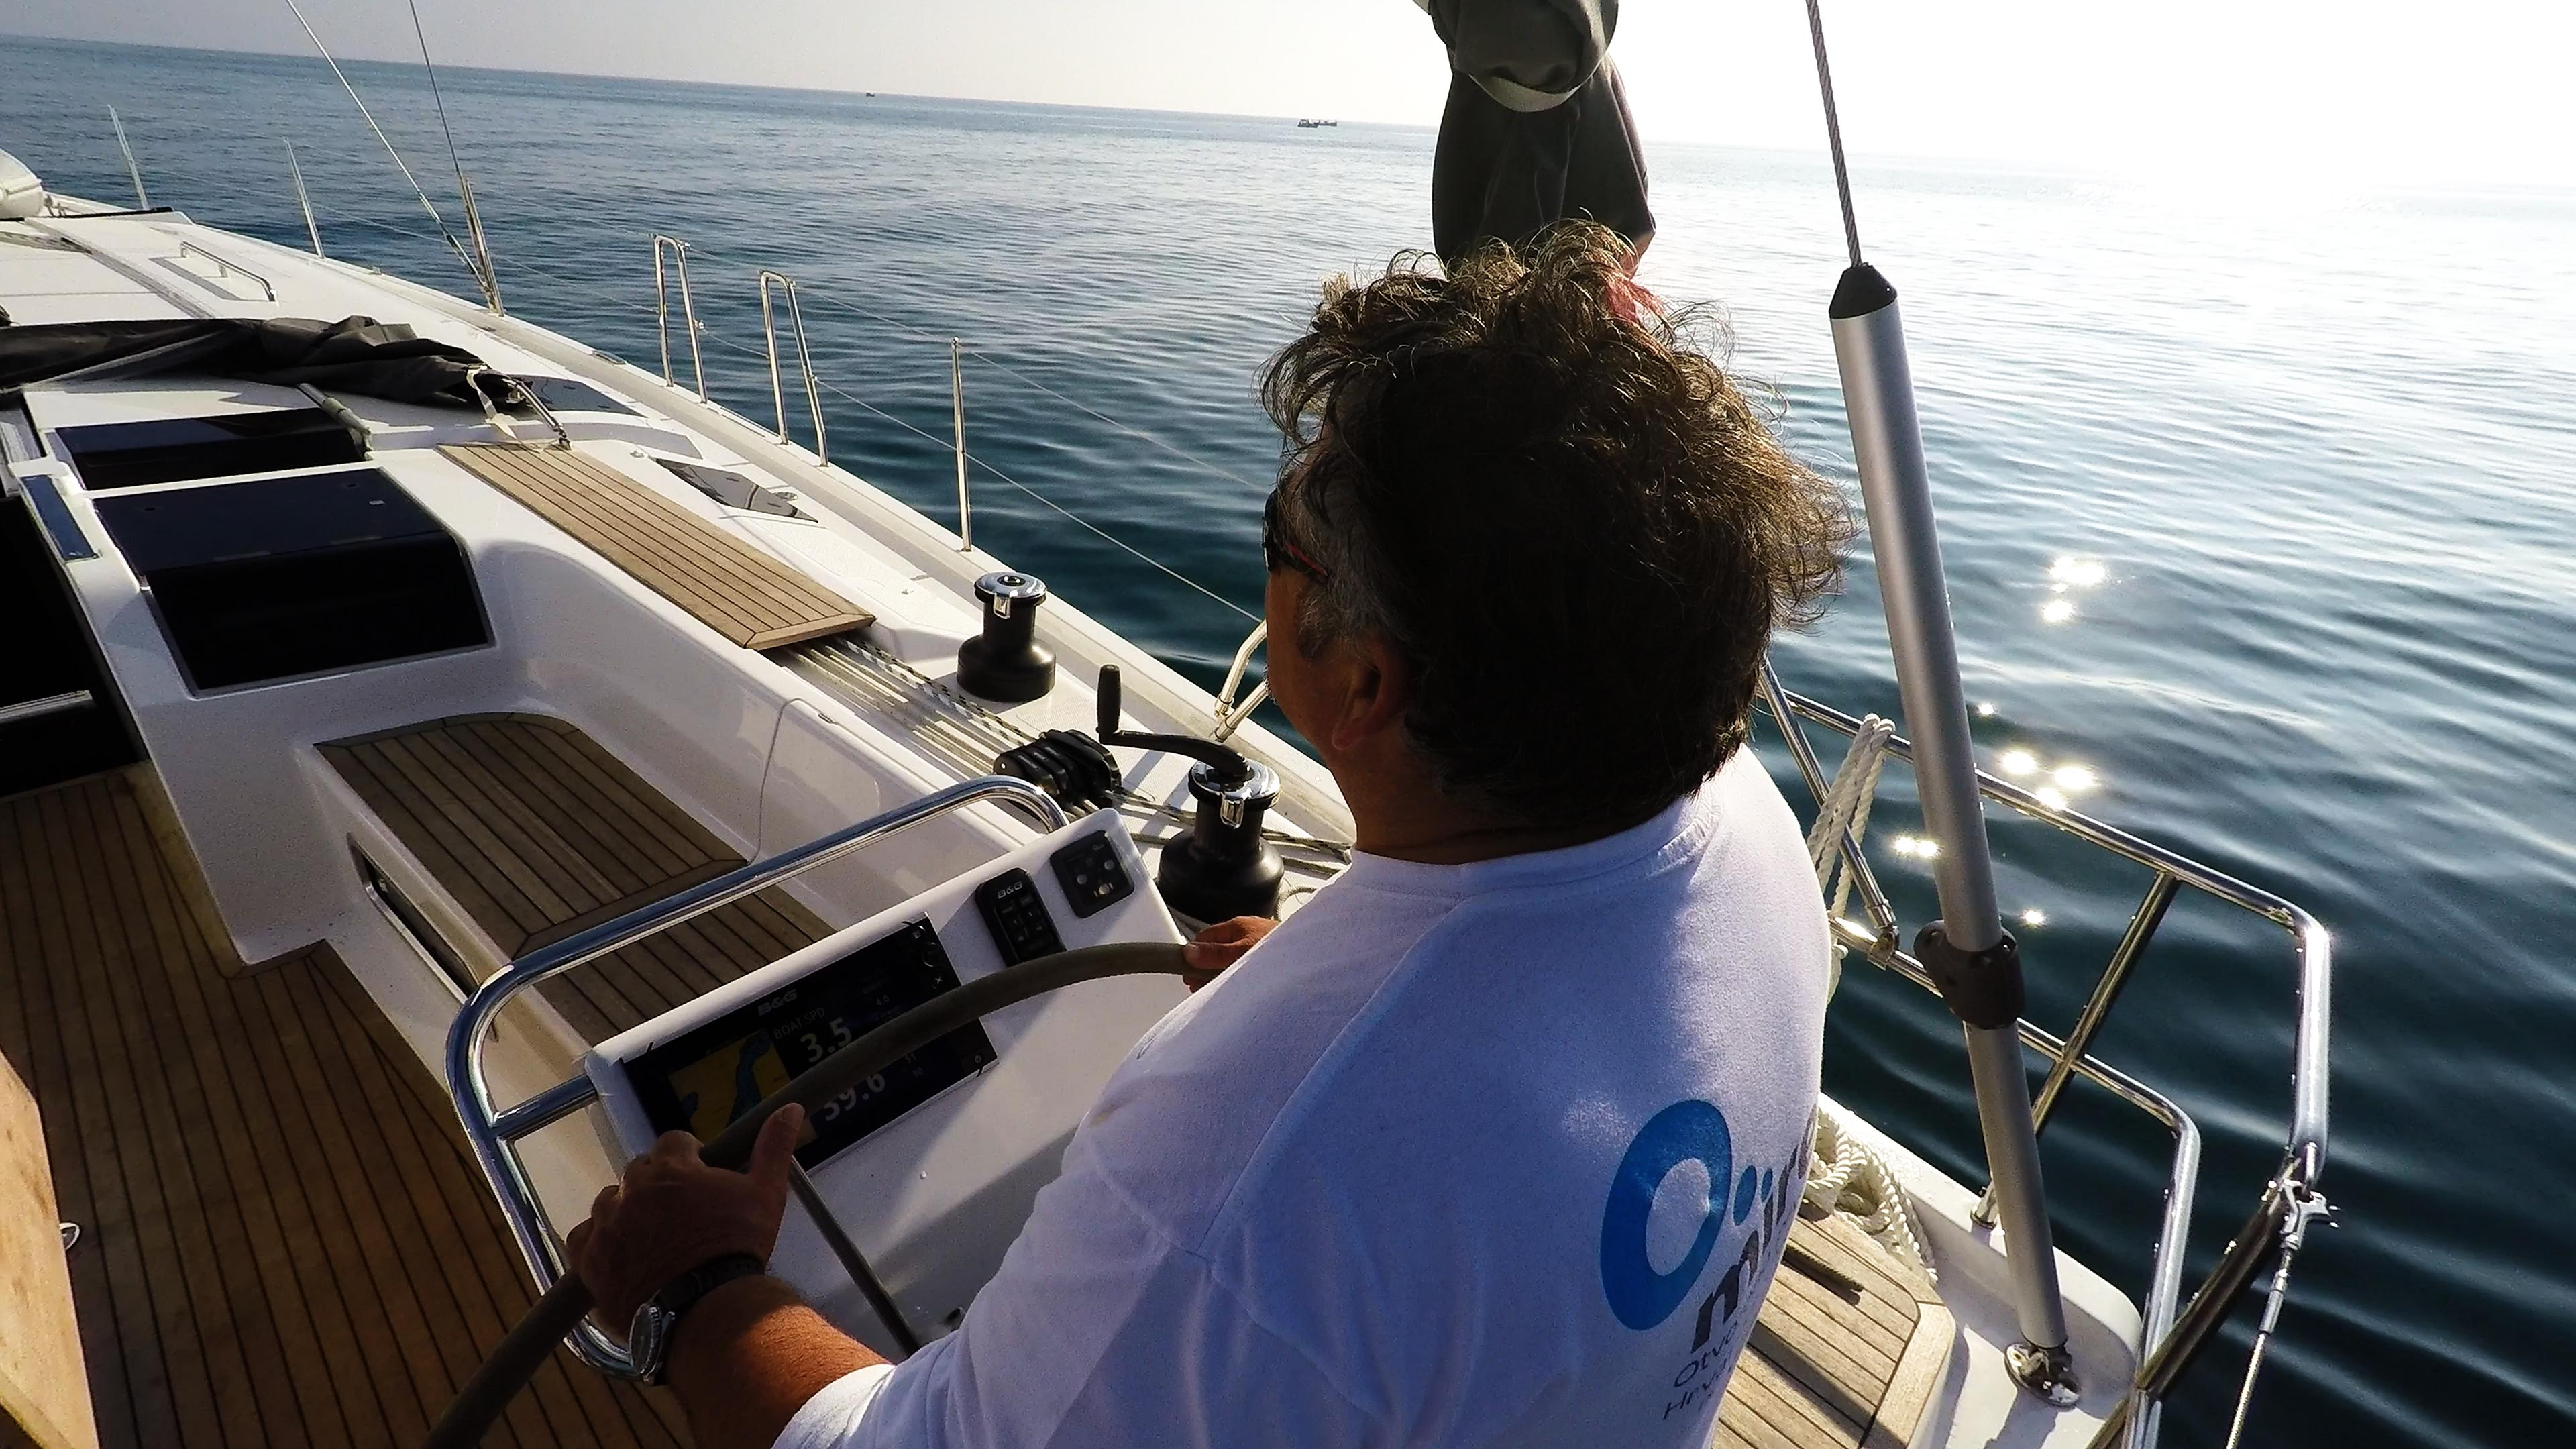 skiper kolo timuna jedrilica Hanse 505 sunce more kokpit